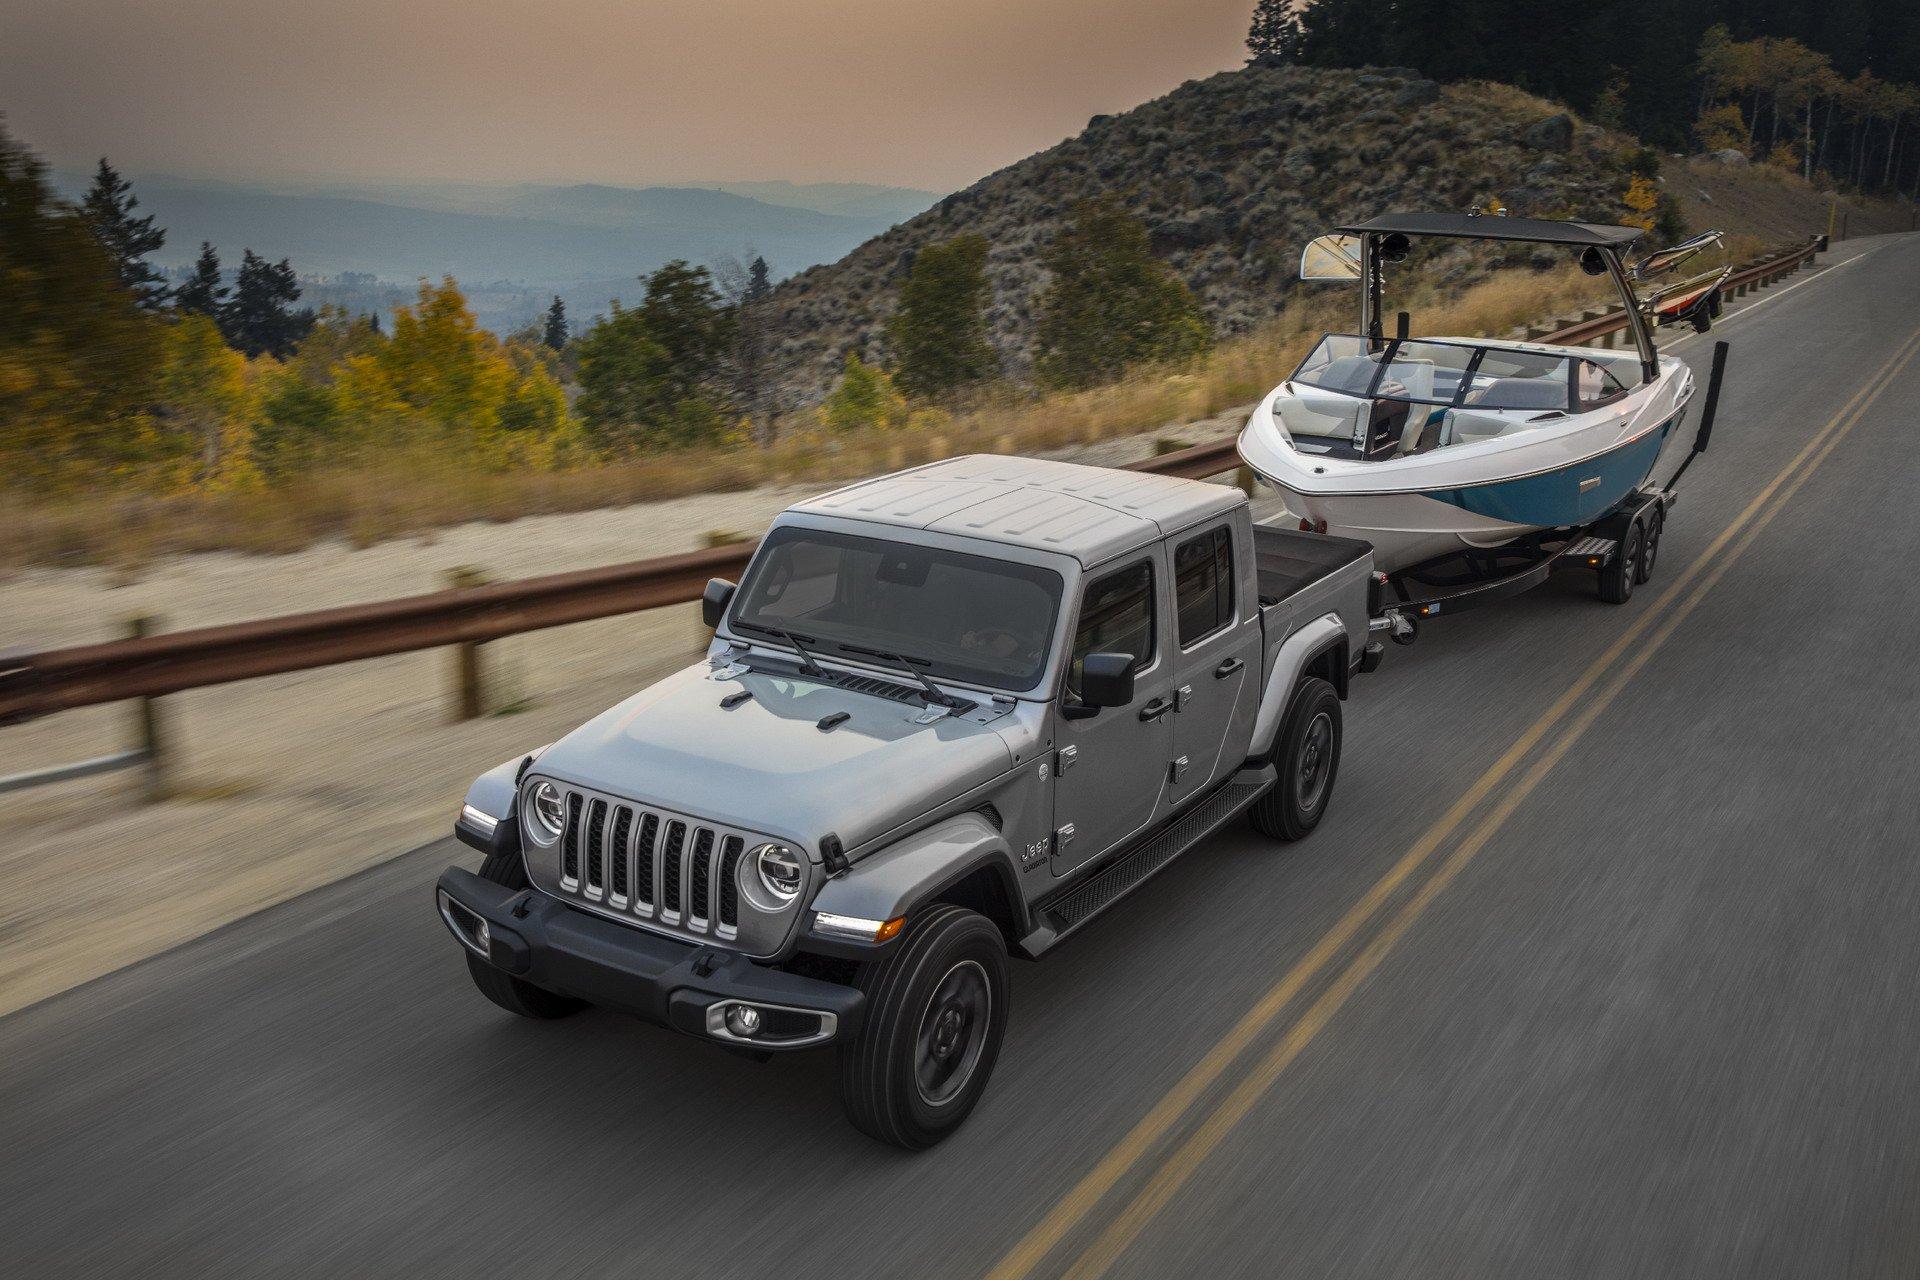 Jeep Gladiator 2019 (157)